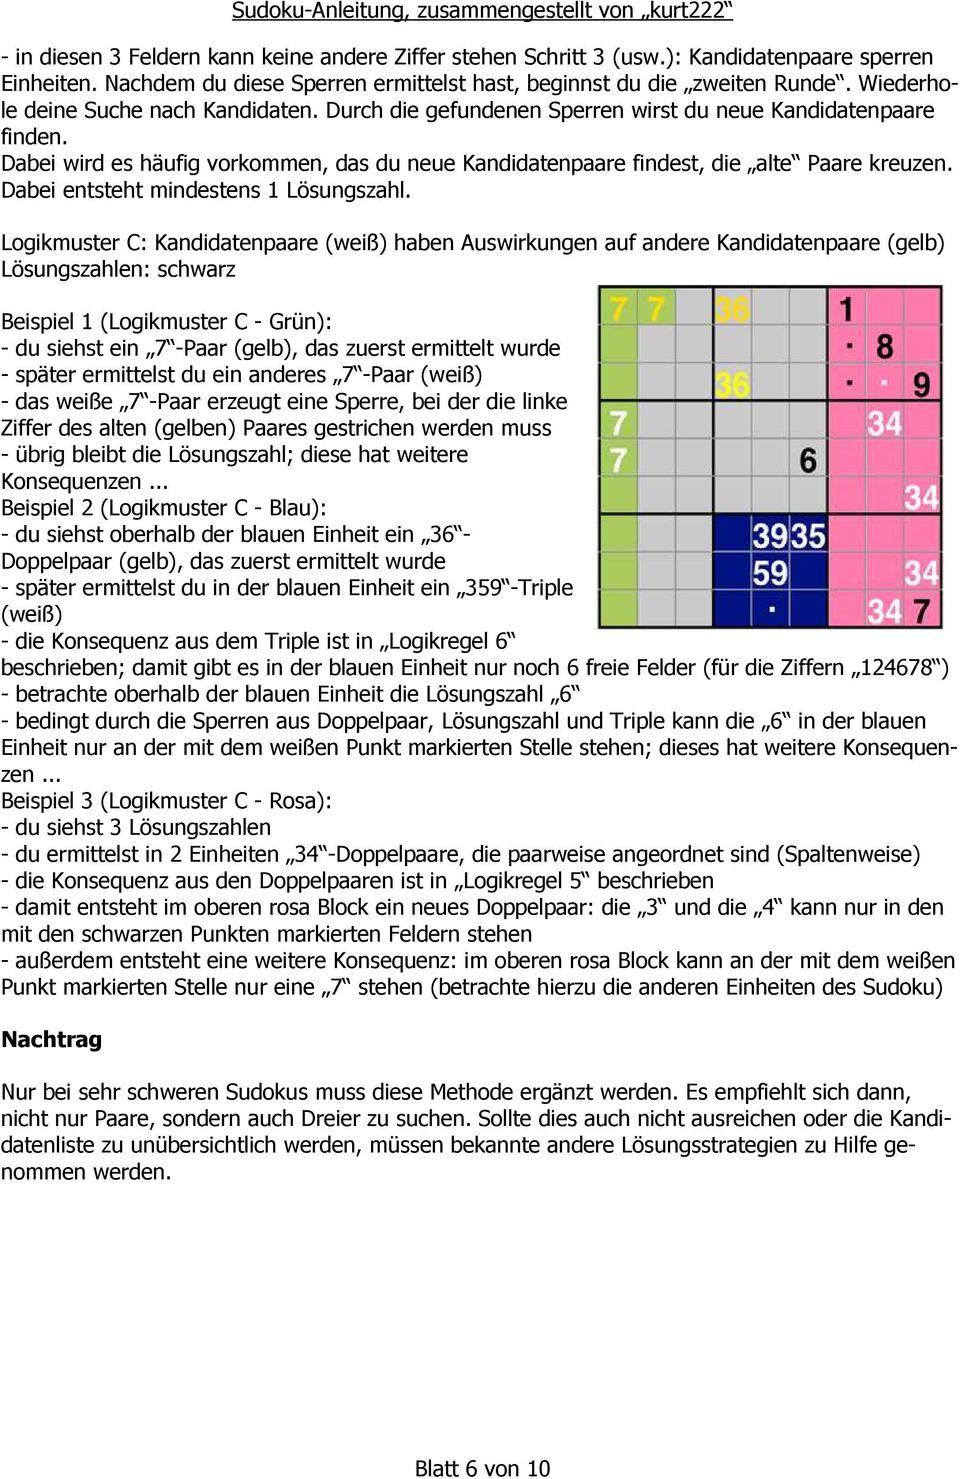 Sudoku - Anleitung. Und Seine Lösung - Pdf Kostenfreier ganzes Sudoku Anleitung